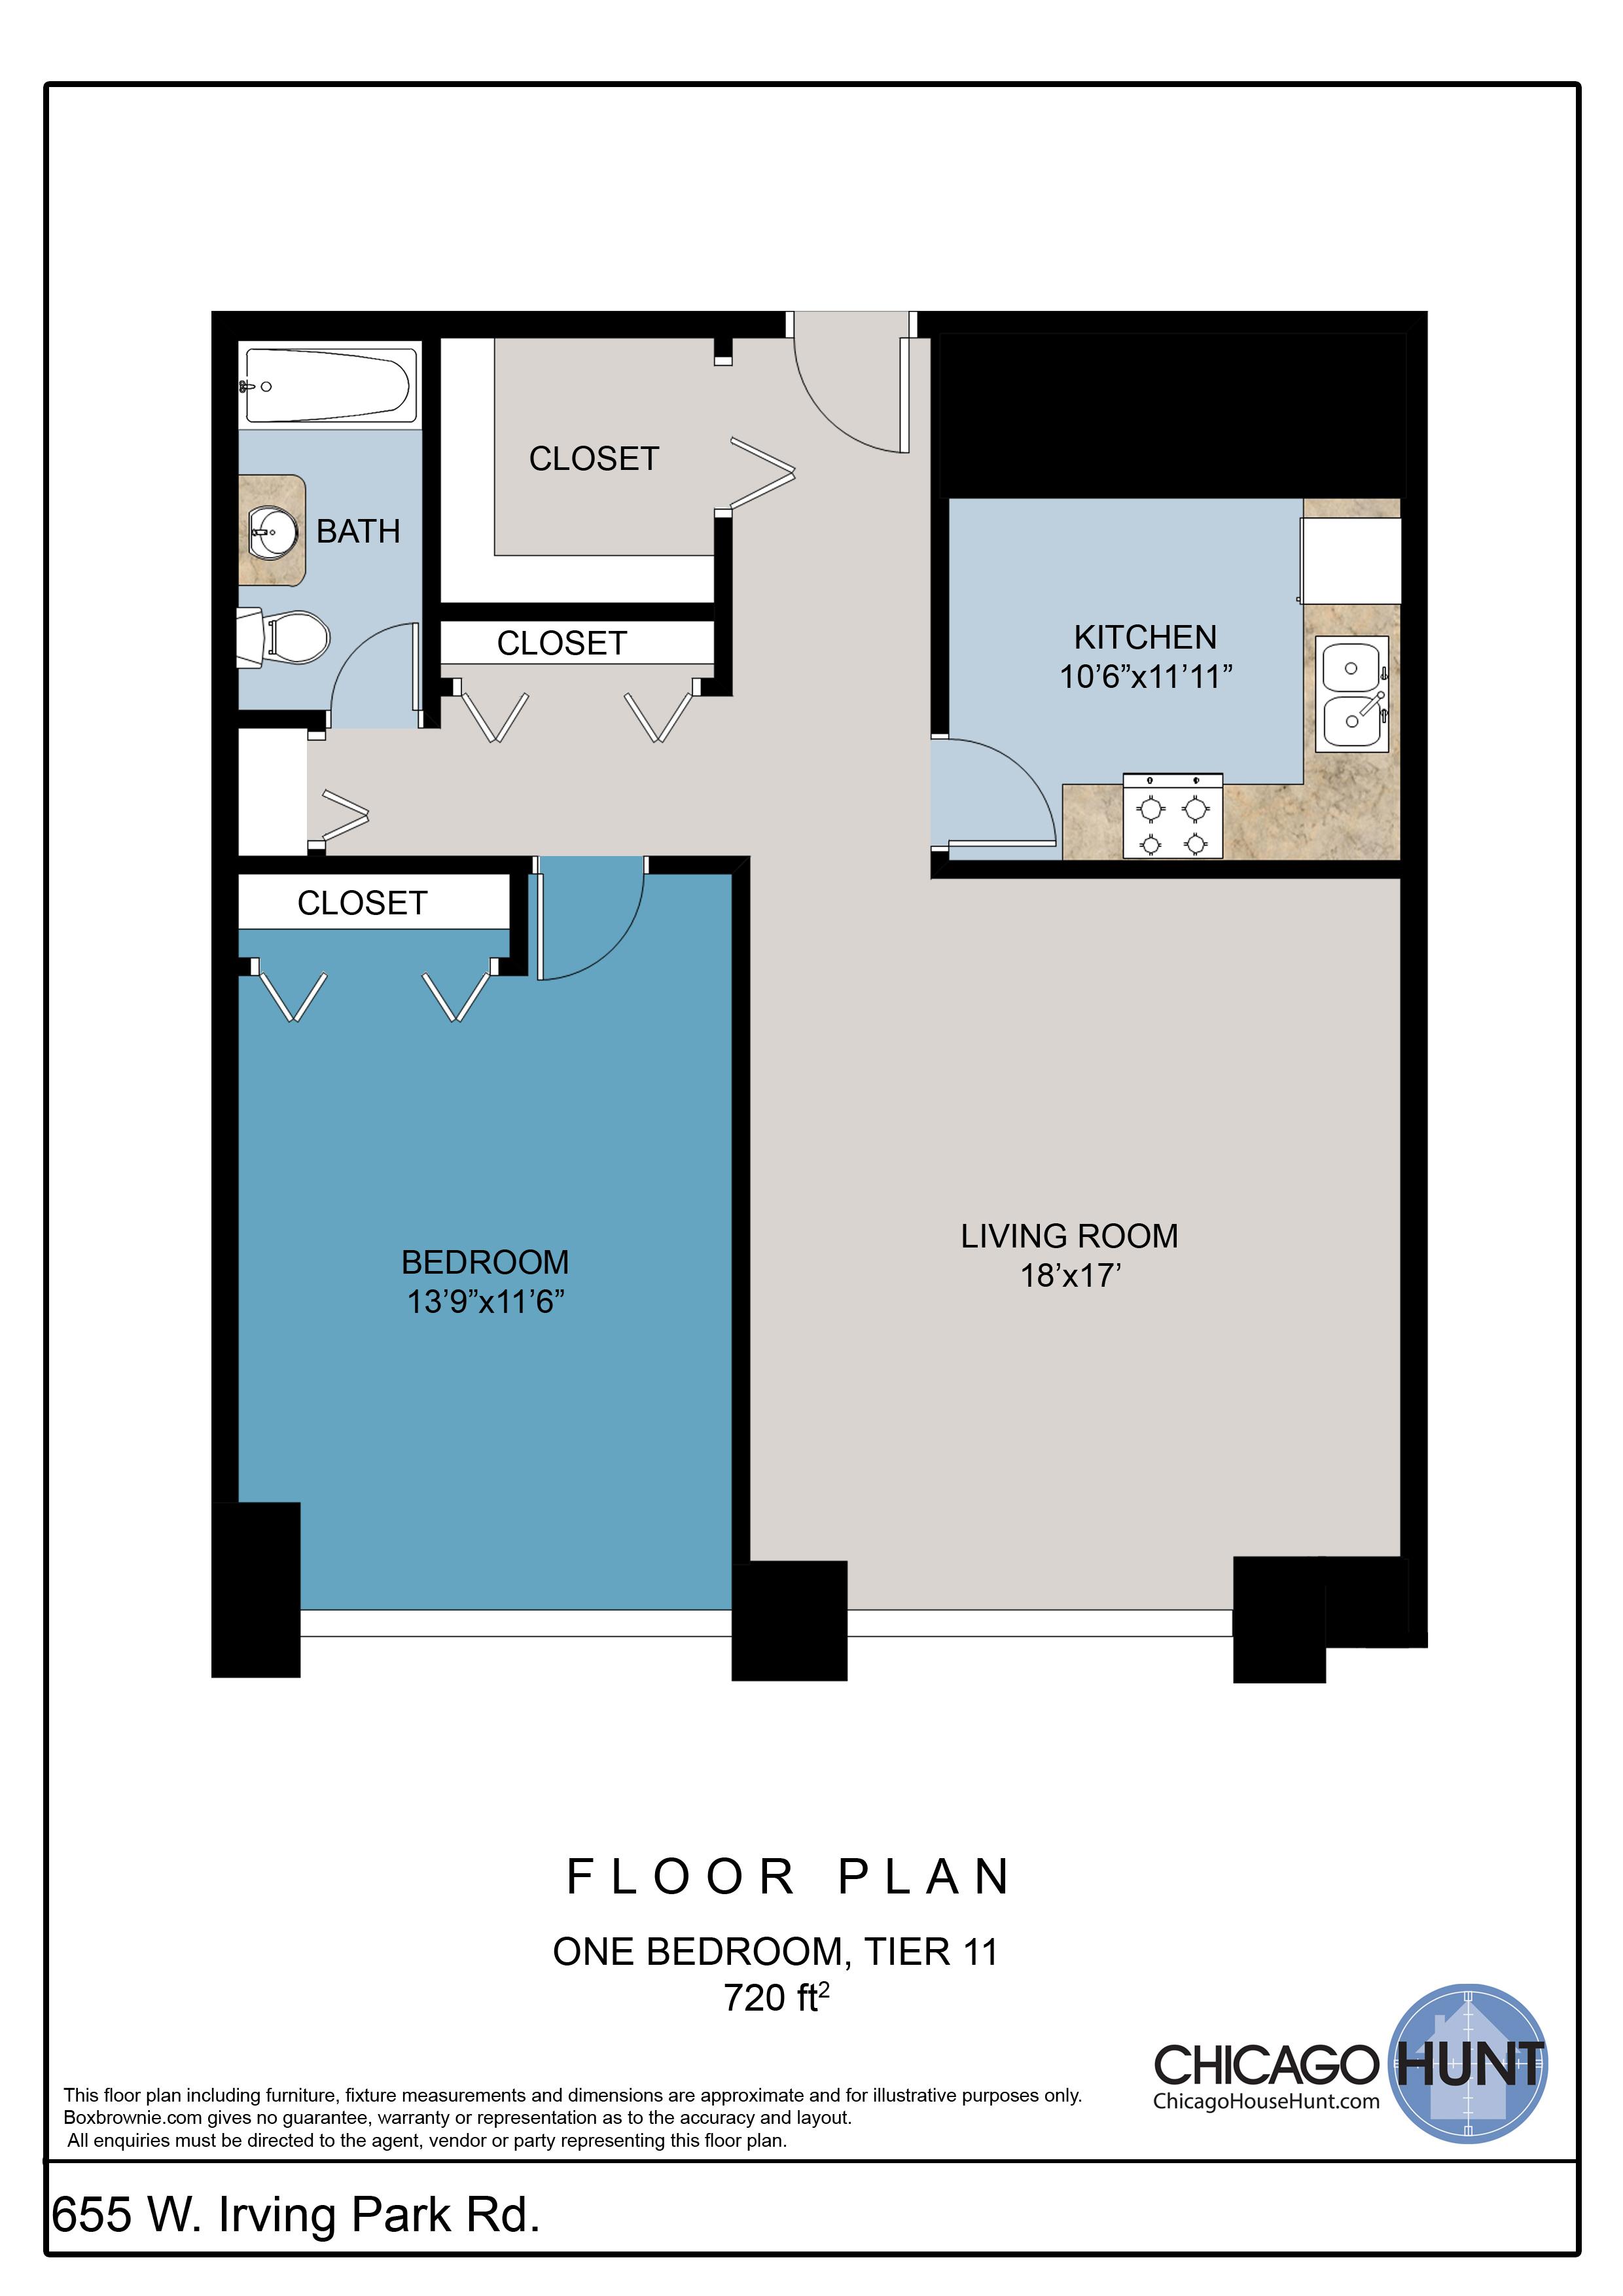 655 Irving Park, Park Place Towere - Floor Plan - Tier 11